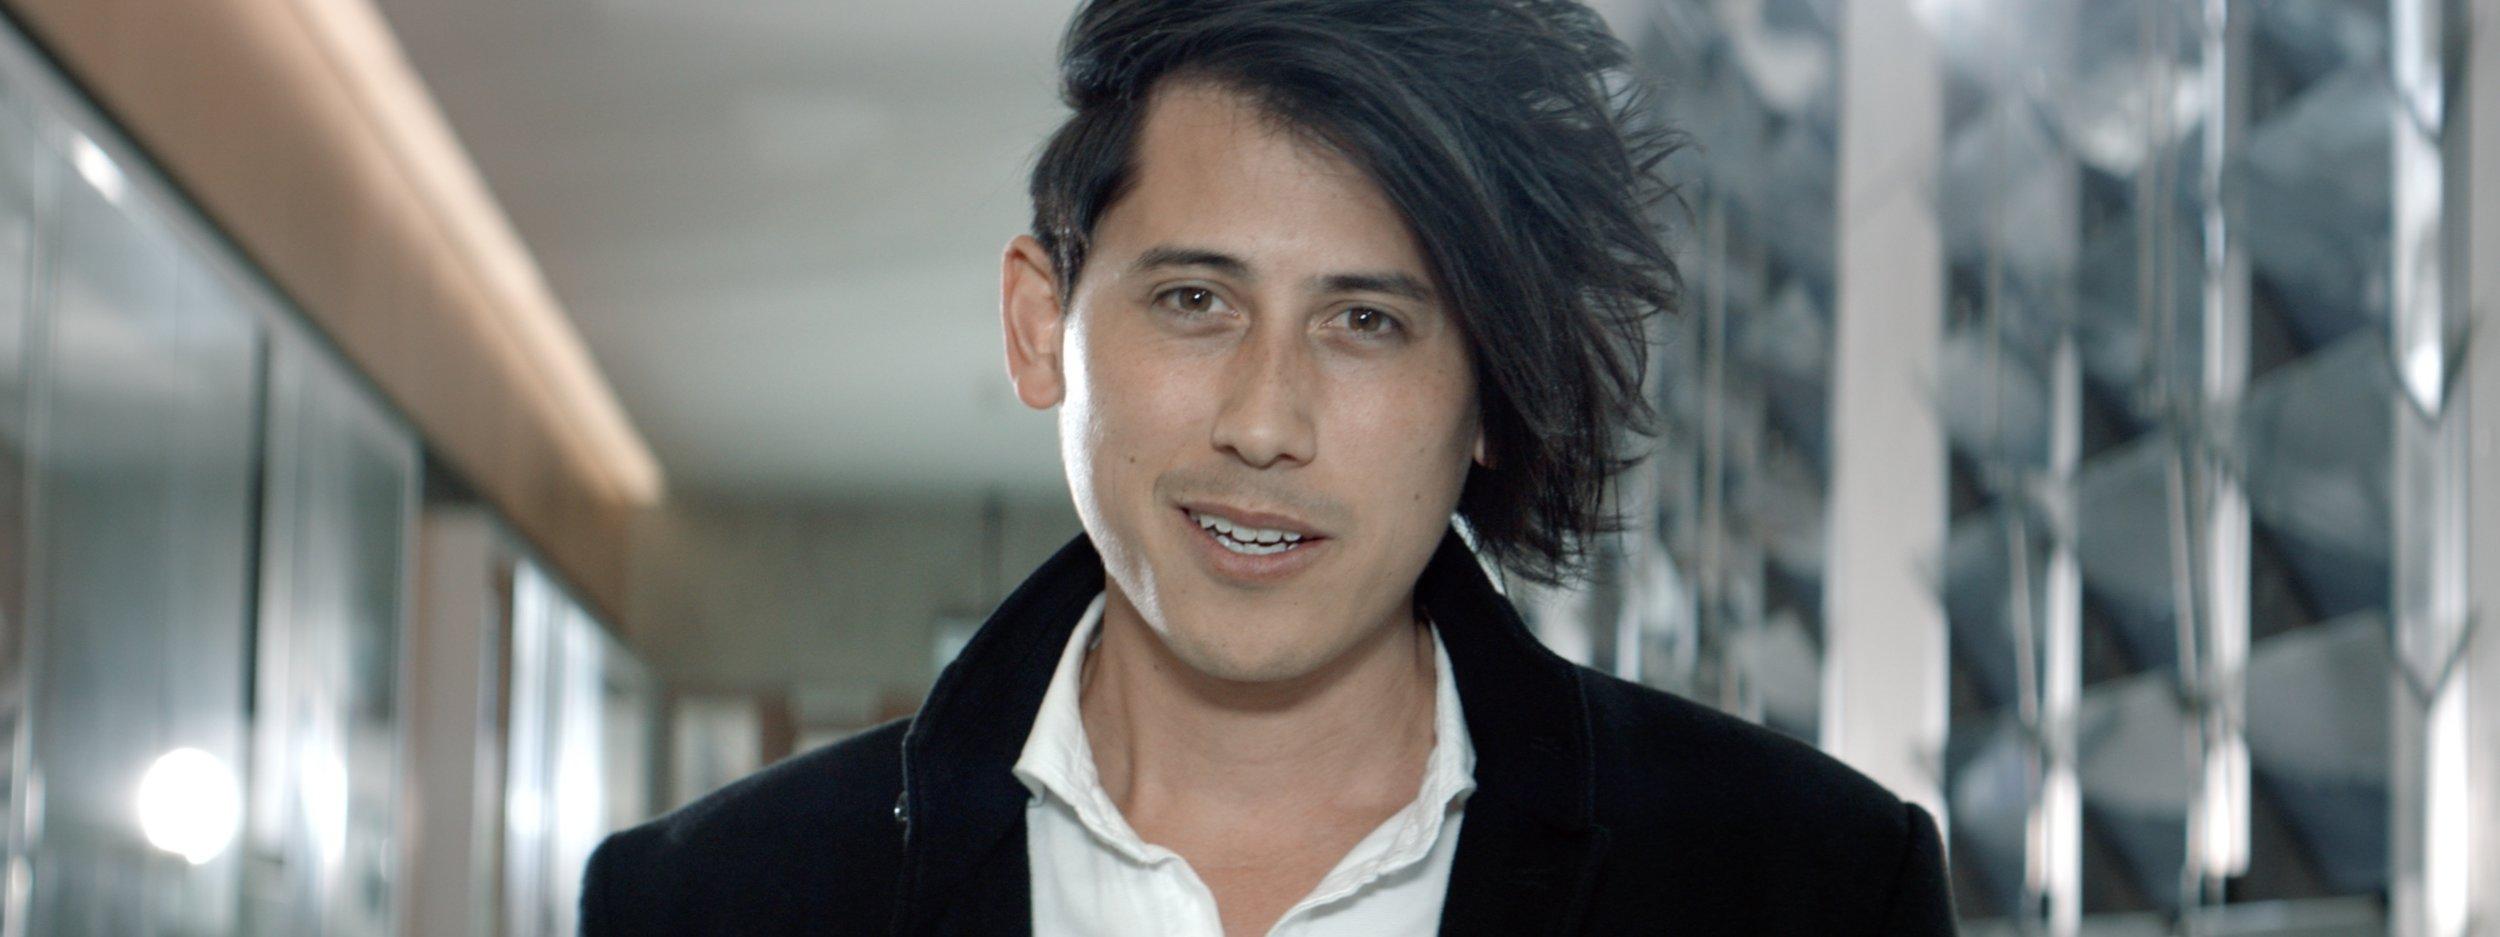 Dr Jordan Nguyen.jpg